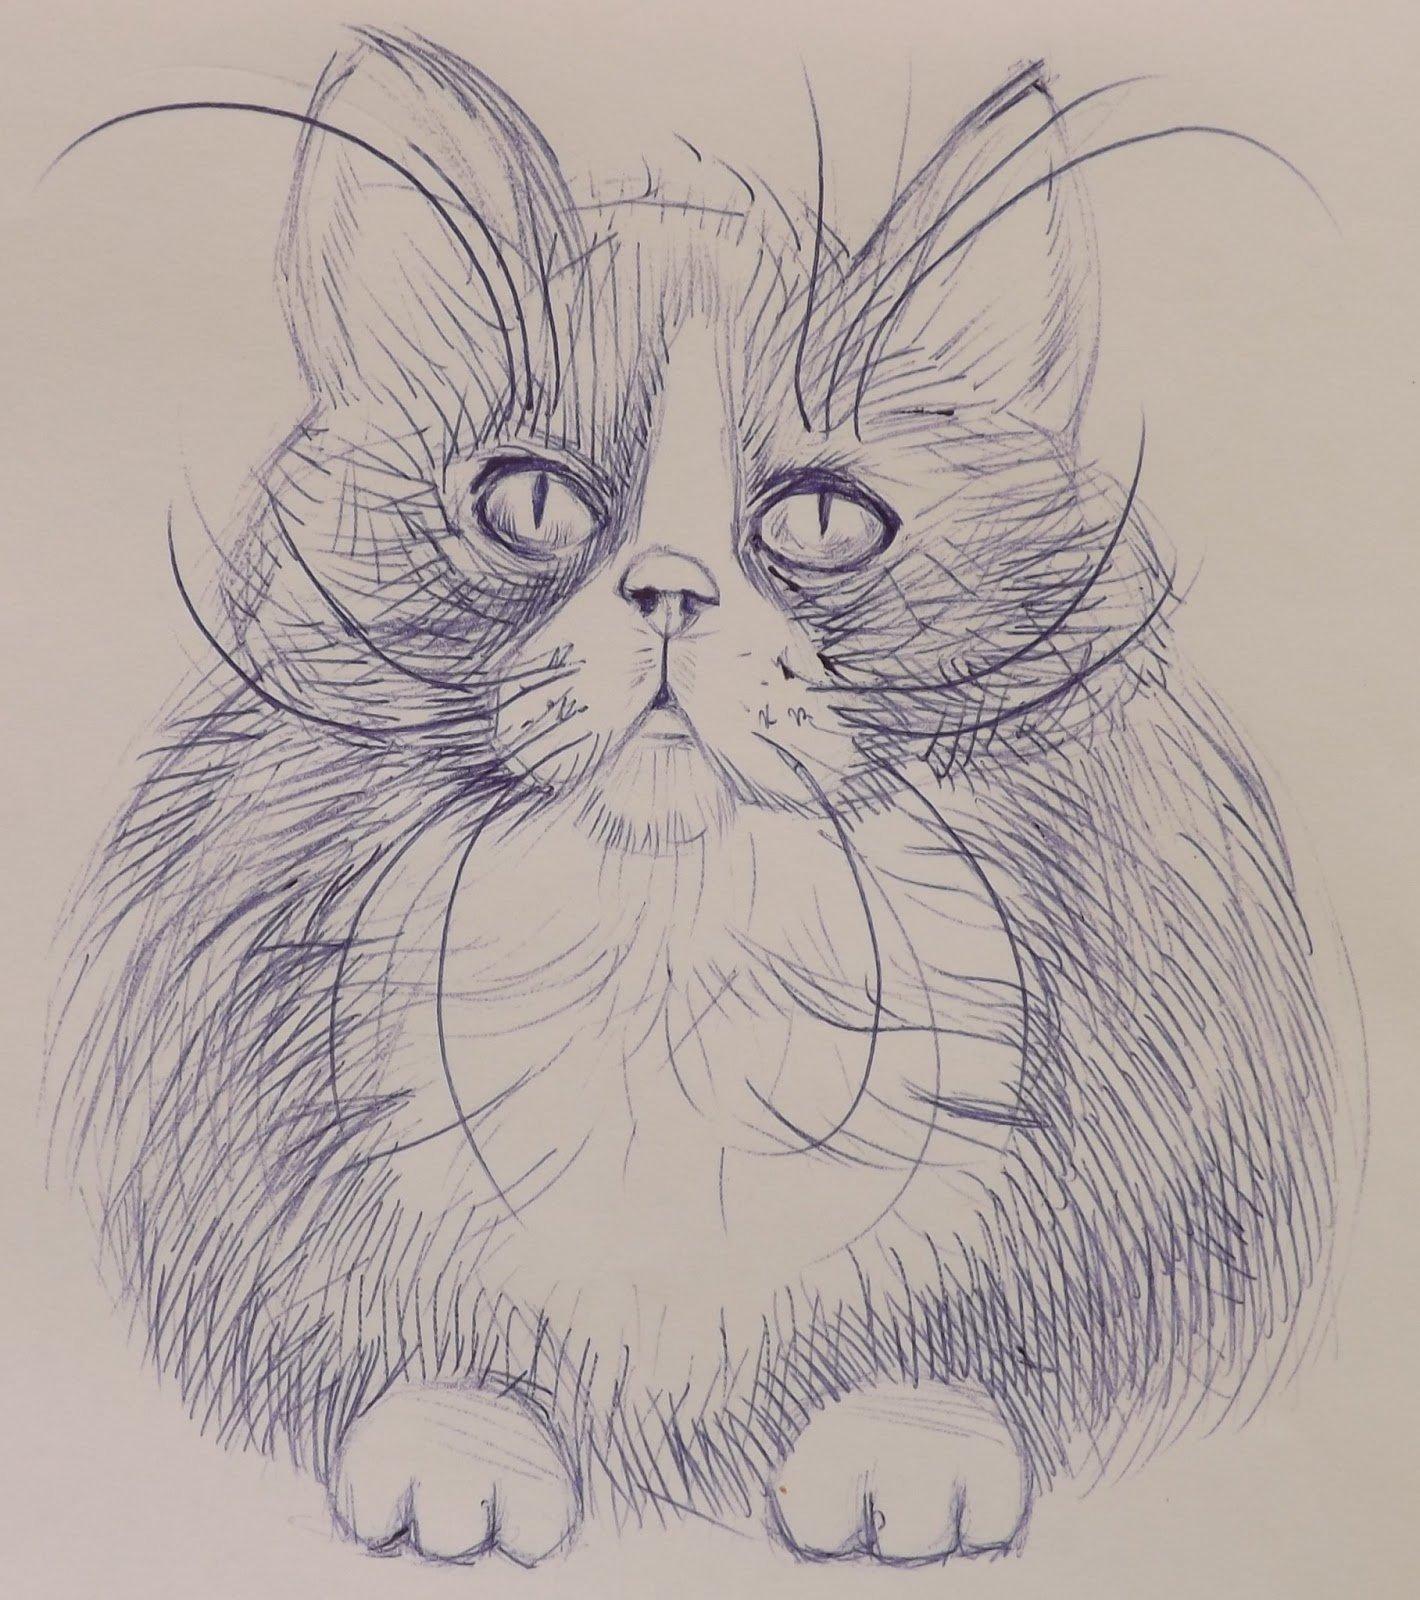 картинки кошки карандашом легко рисовать